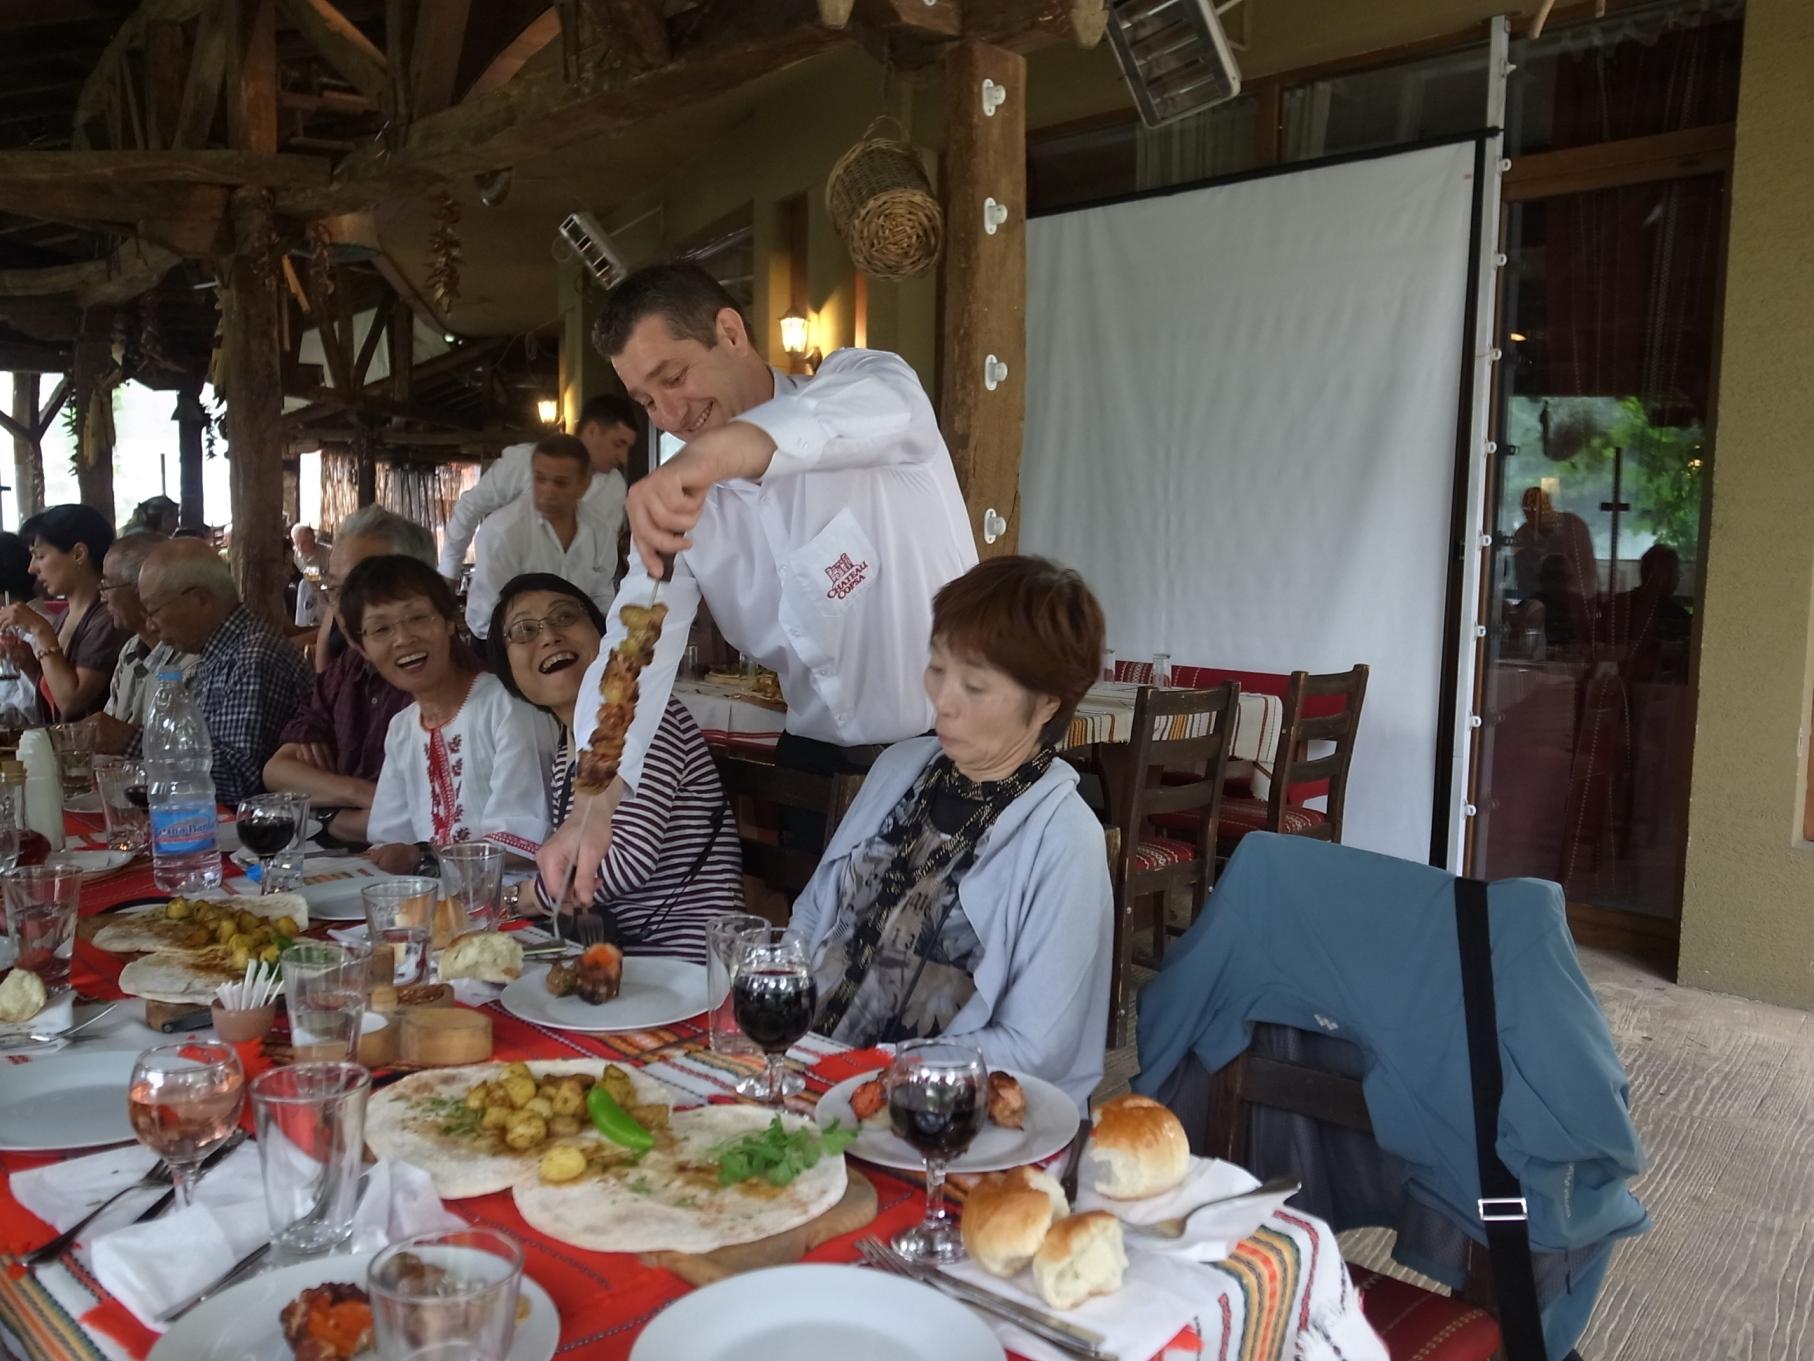 ブルガリアの伝統料理を楽しむ